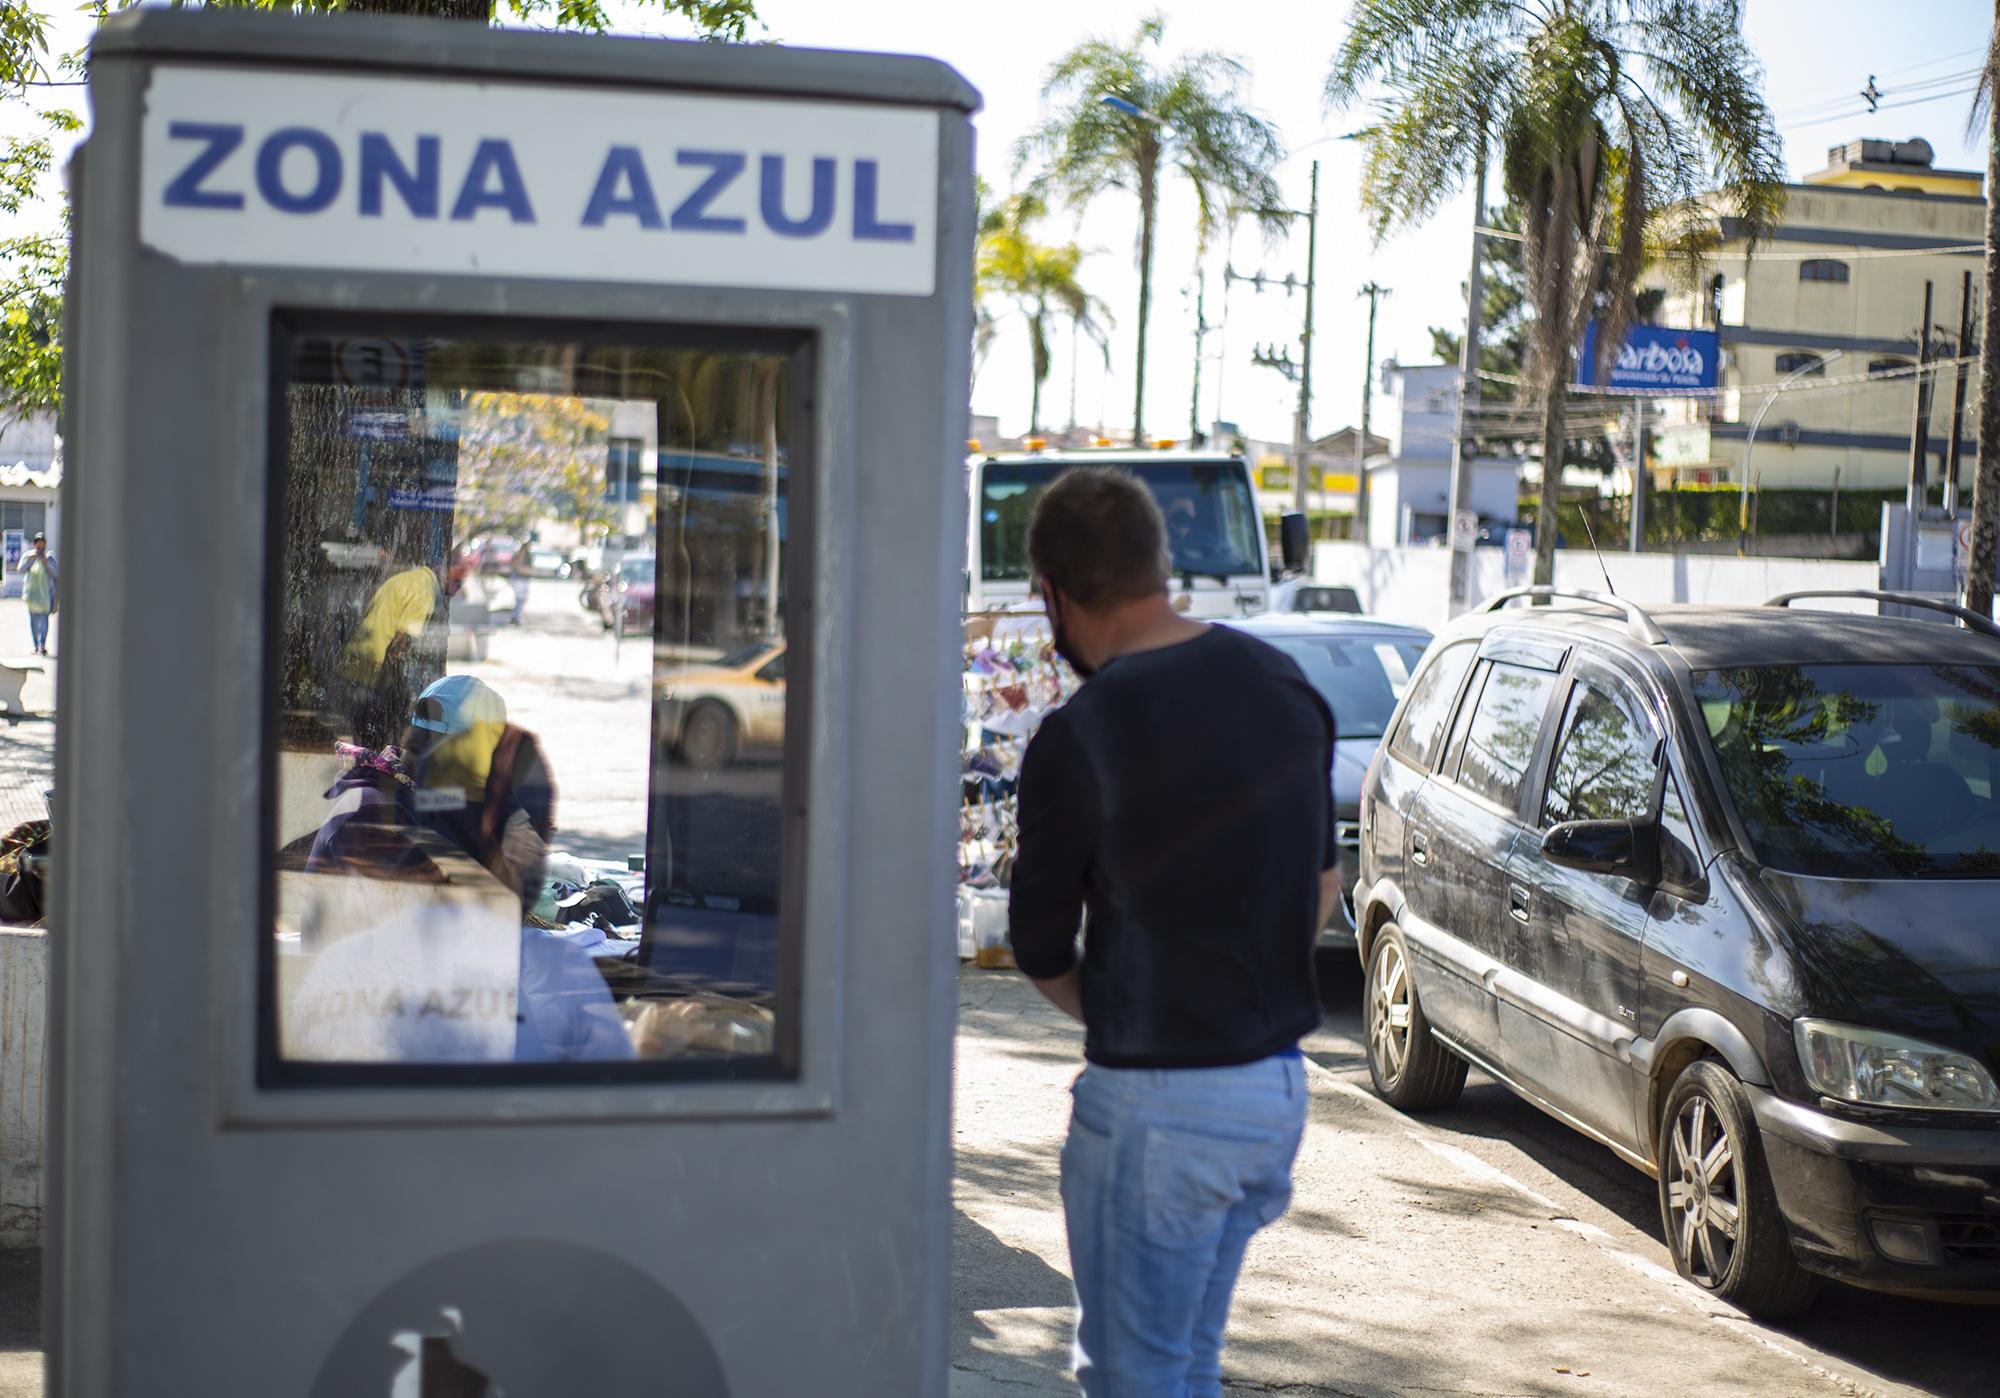 Secretaria de Transportes e Mobilidade atualiza postos de pagamento de zona azul